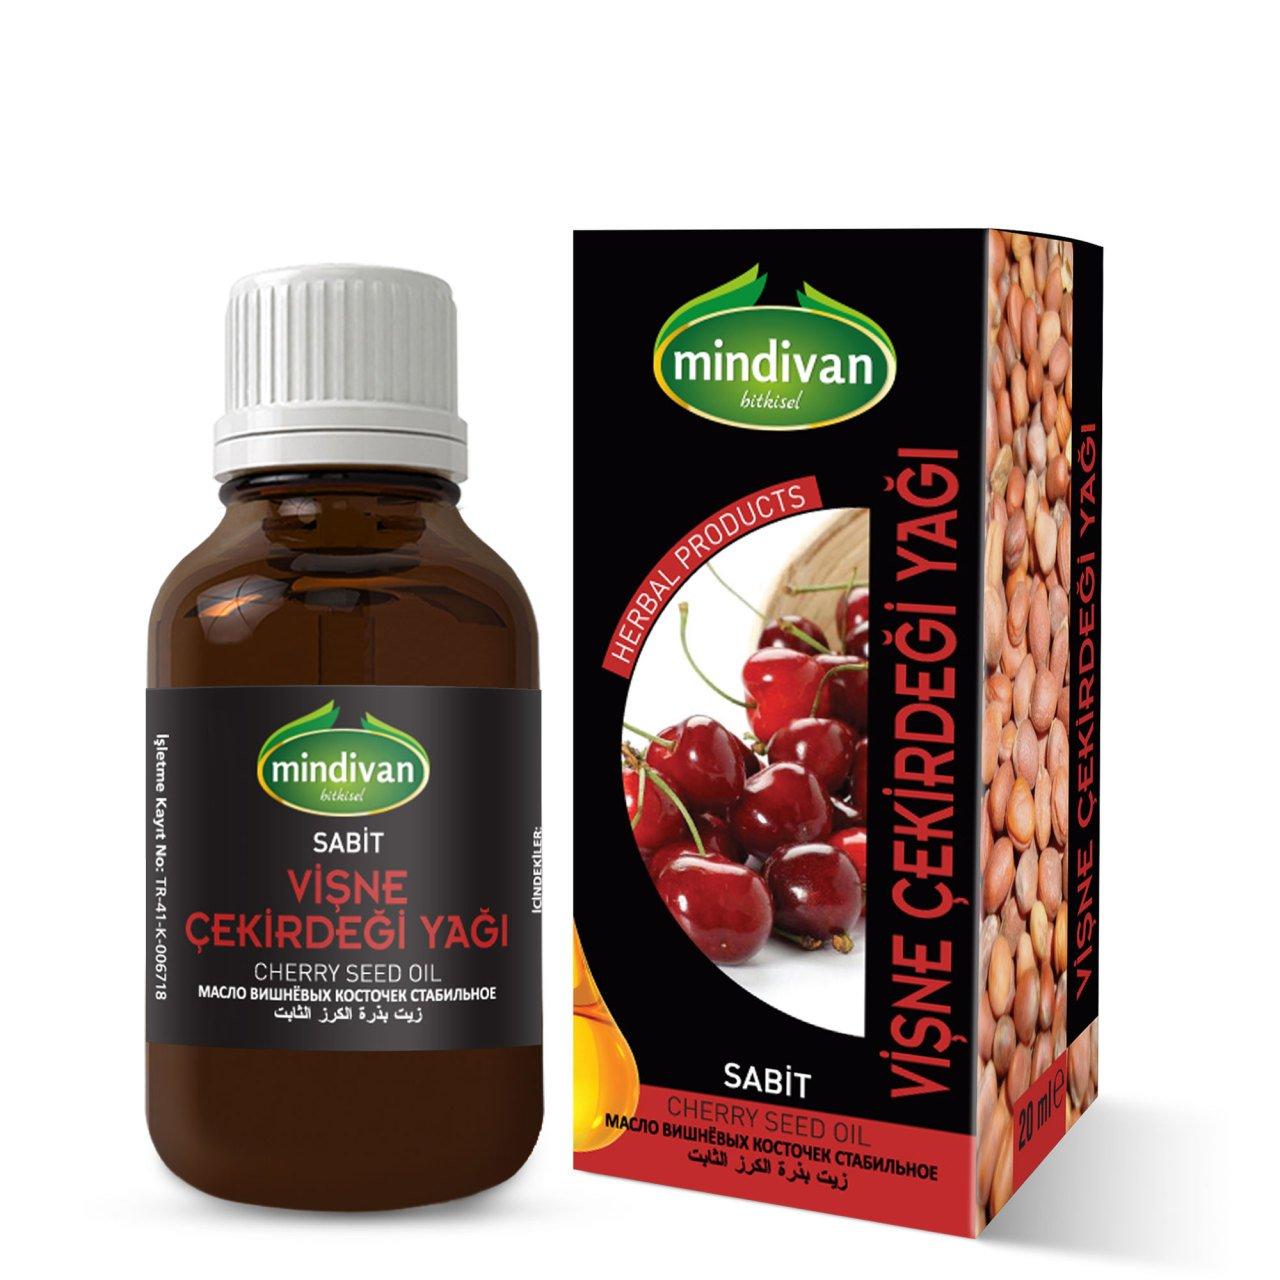 Mindivan Vişne Çekirdeği Yağı 20 ml ürünü